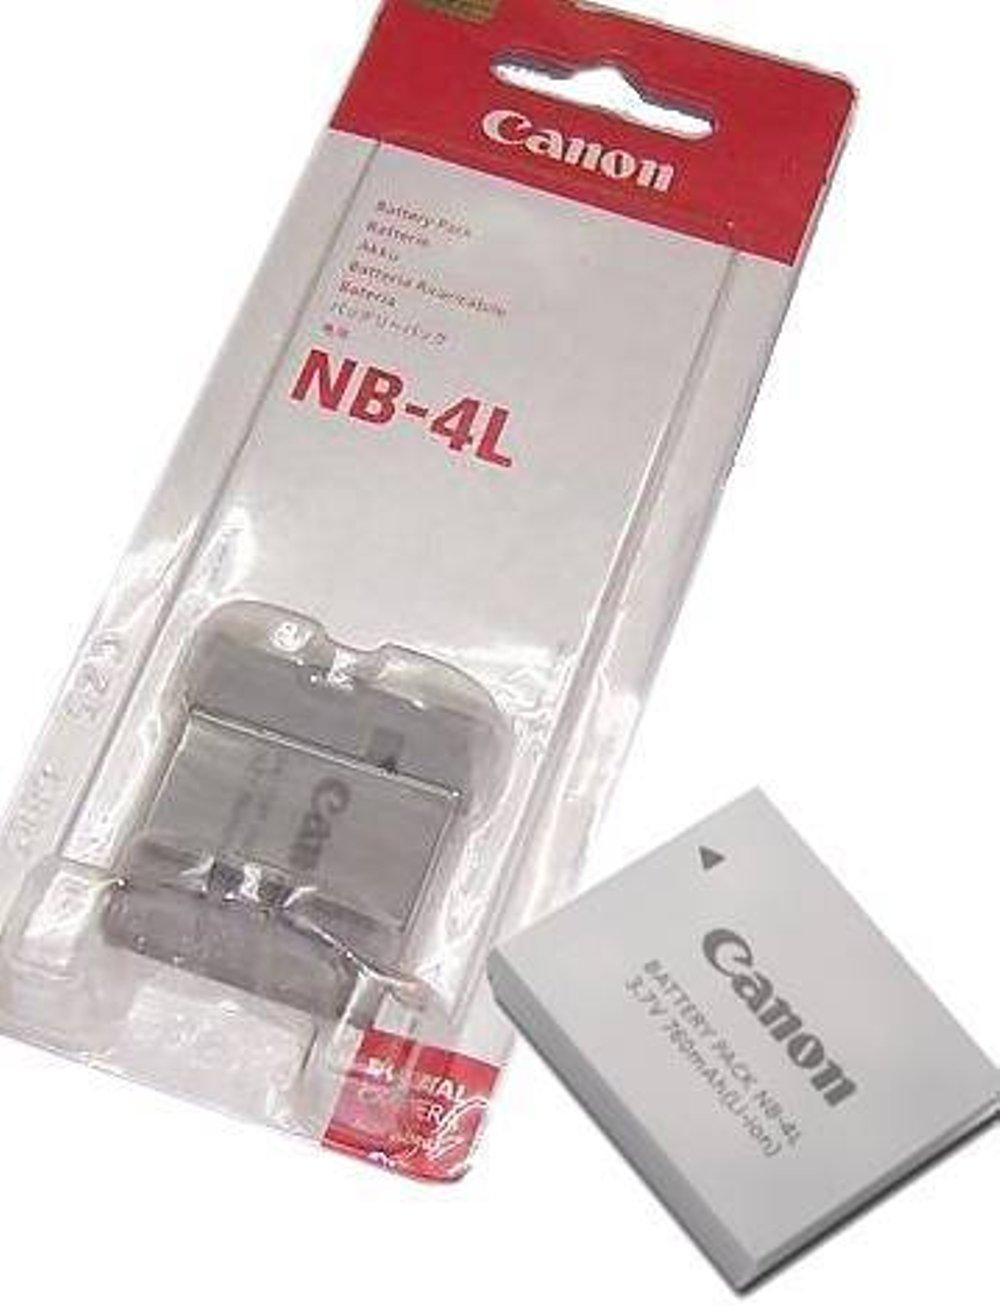 Baterai Canon Nb-4l Untuk tipe Digital 50/40/Digital IXUS PowerShot SD200/SD300/IXUS 120/130